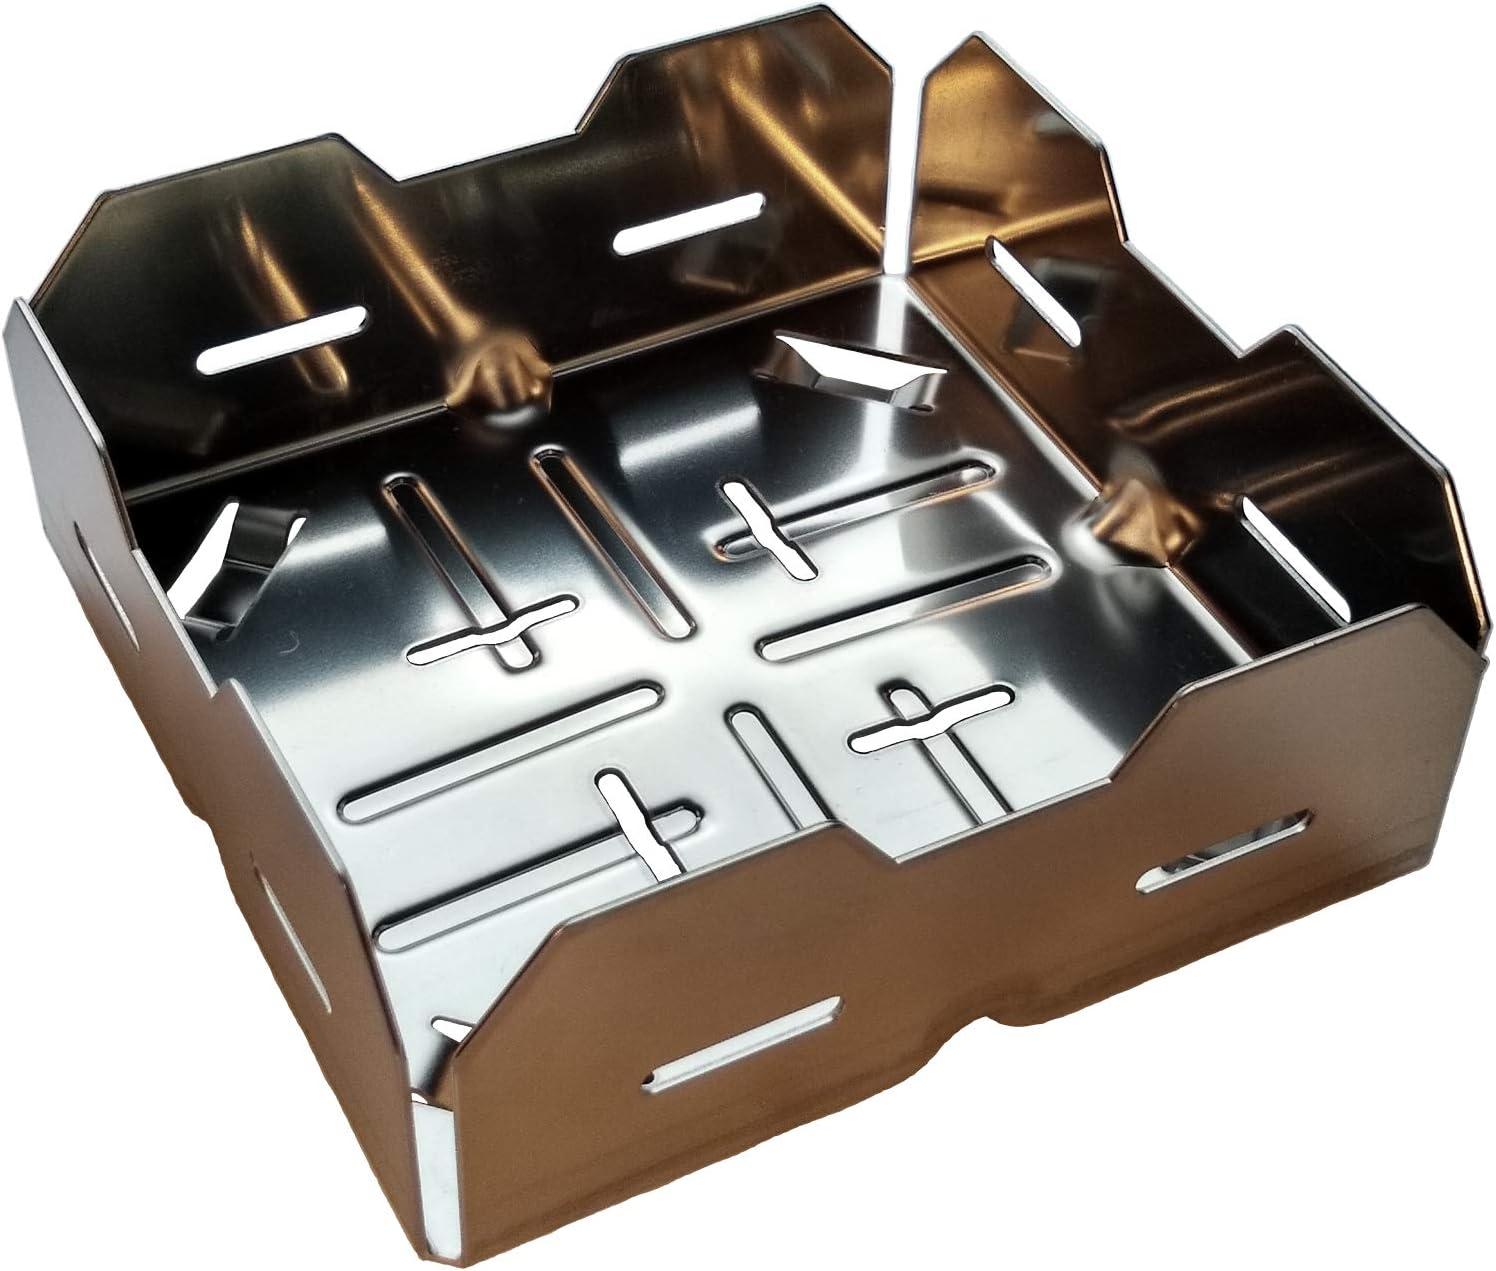 Chimenea de anzünd cesta: El turbo de pellet cesta para su chimenea Horno. encender con madera pel Lets Armario astillas. con apilables ayuda. Generación 4.0(1pieza)